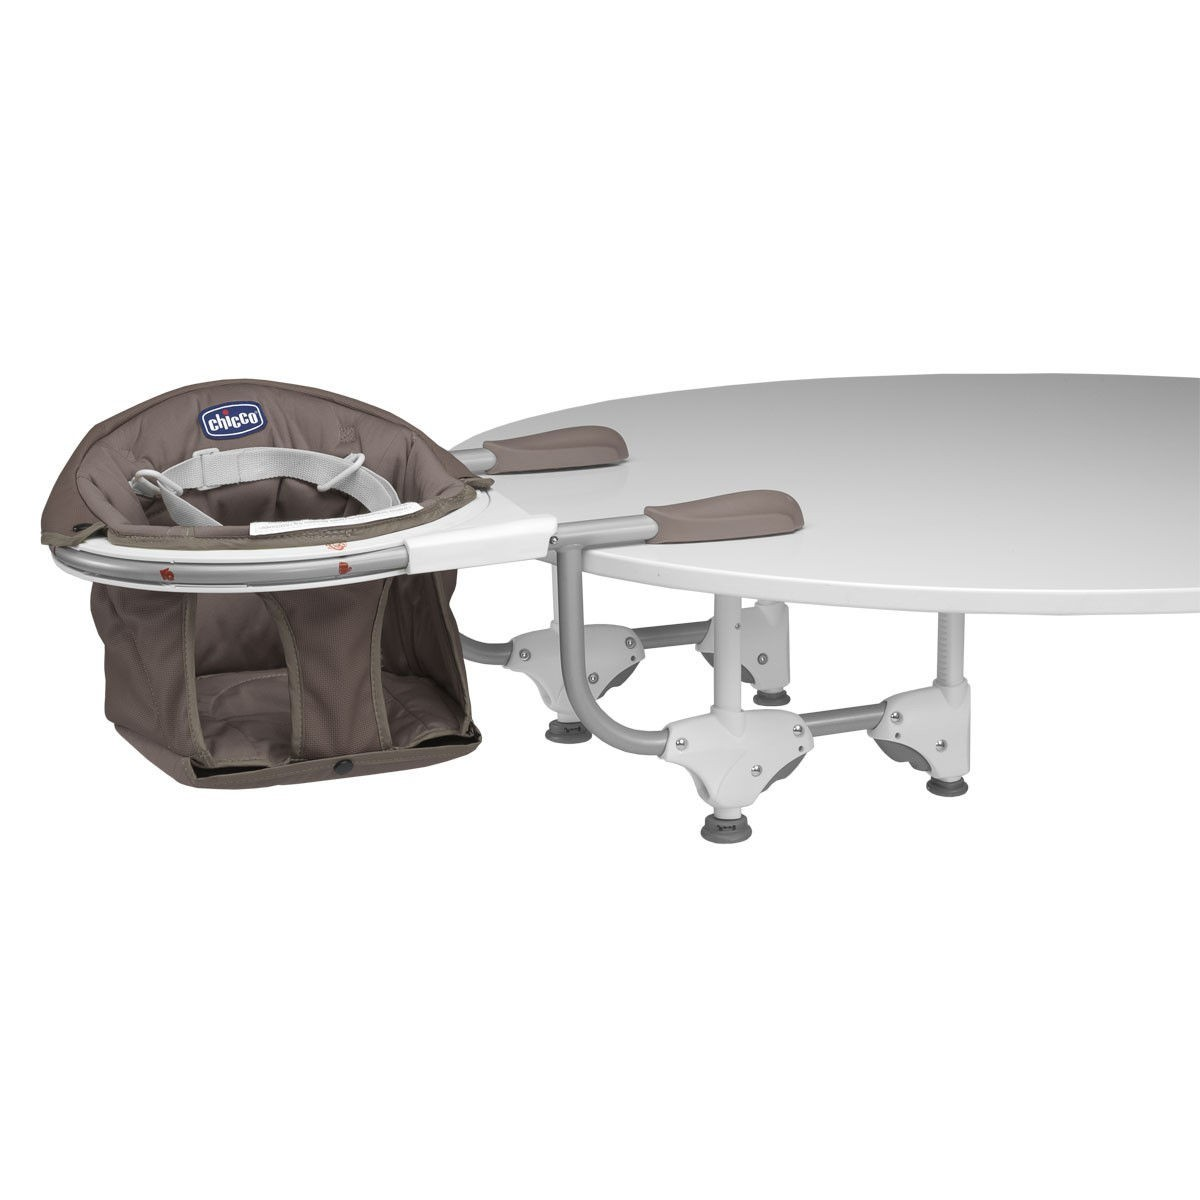 Chicco 360°(Fok)-ban elforgatható asztalra szerelhető etetőszék (Cocoa)